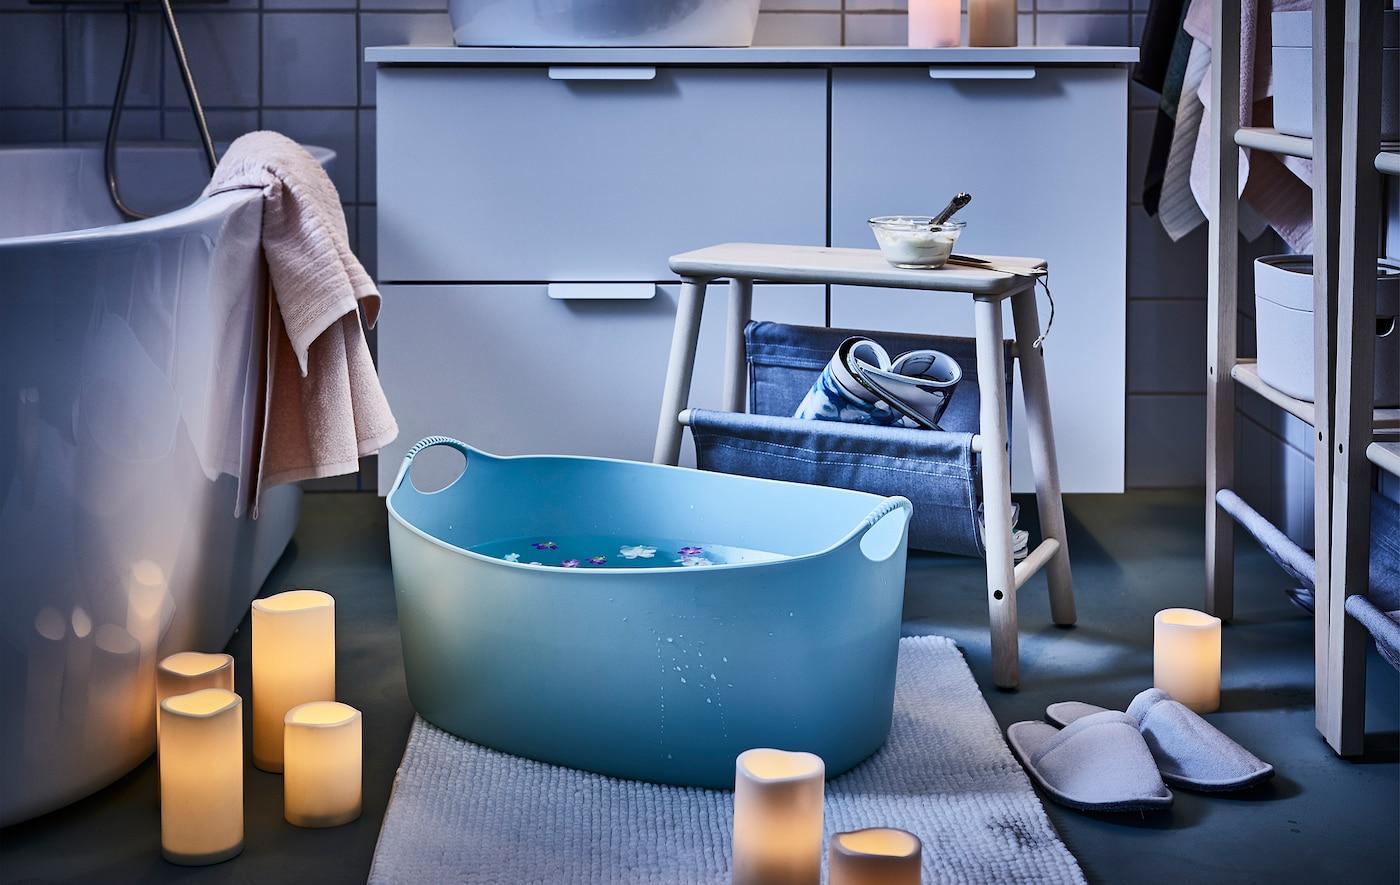 Bagno con ceri a LED, uno sgabello di fianco a una bacinella per il pediluvio piena di acqua e fiori che galleggiano - IKEA